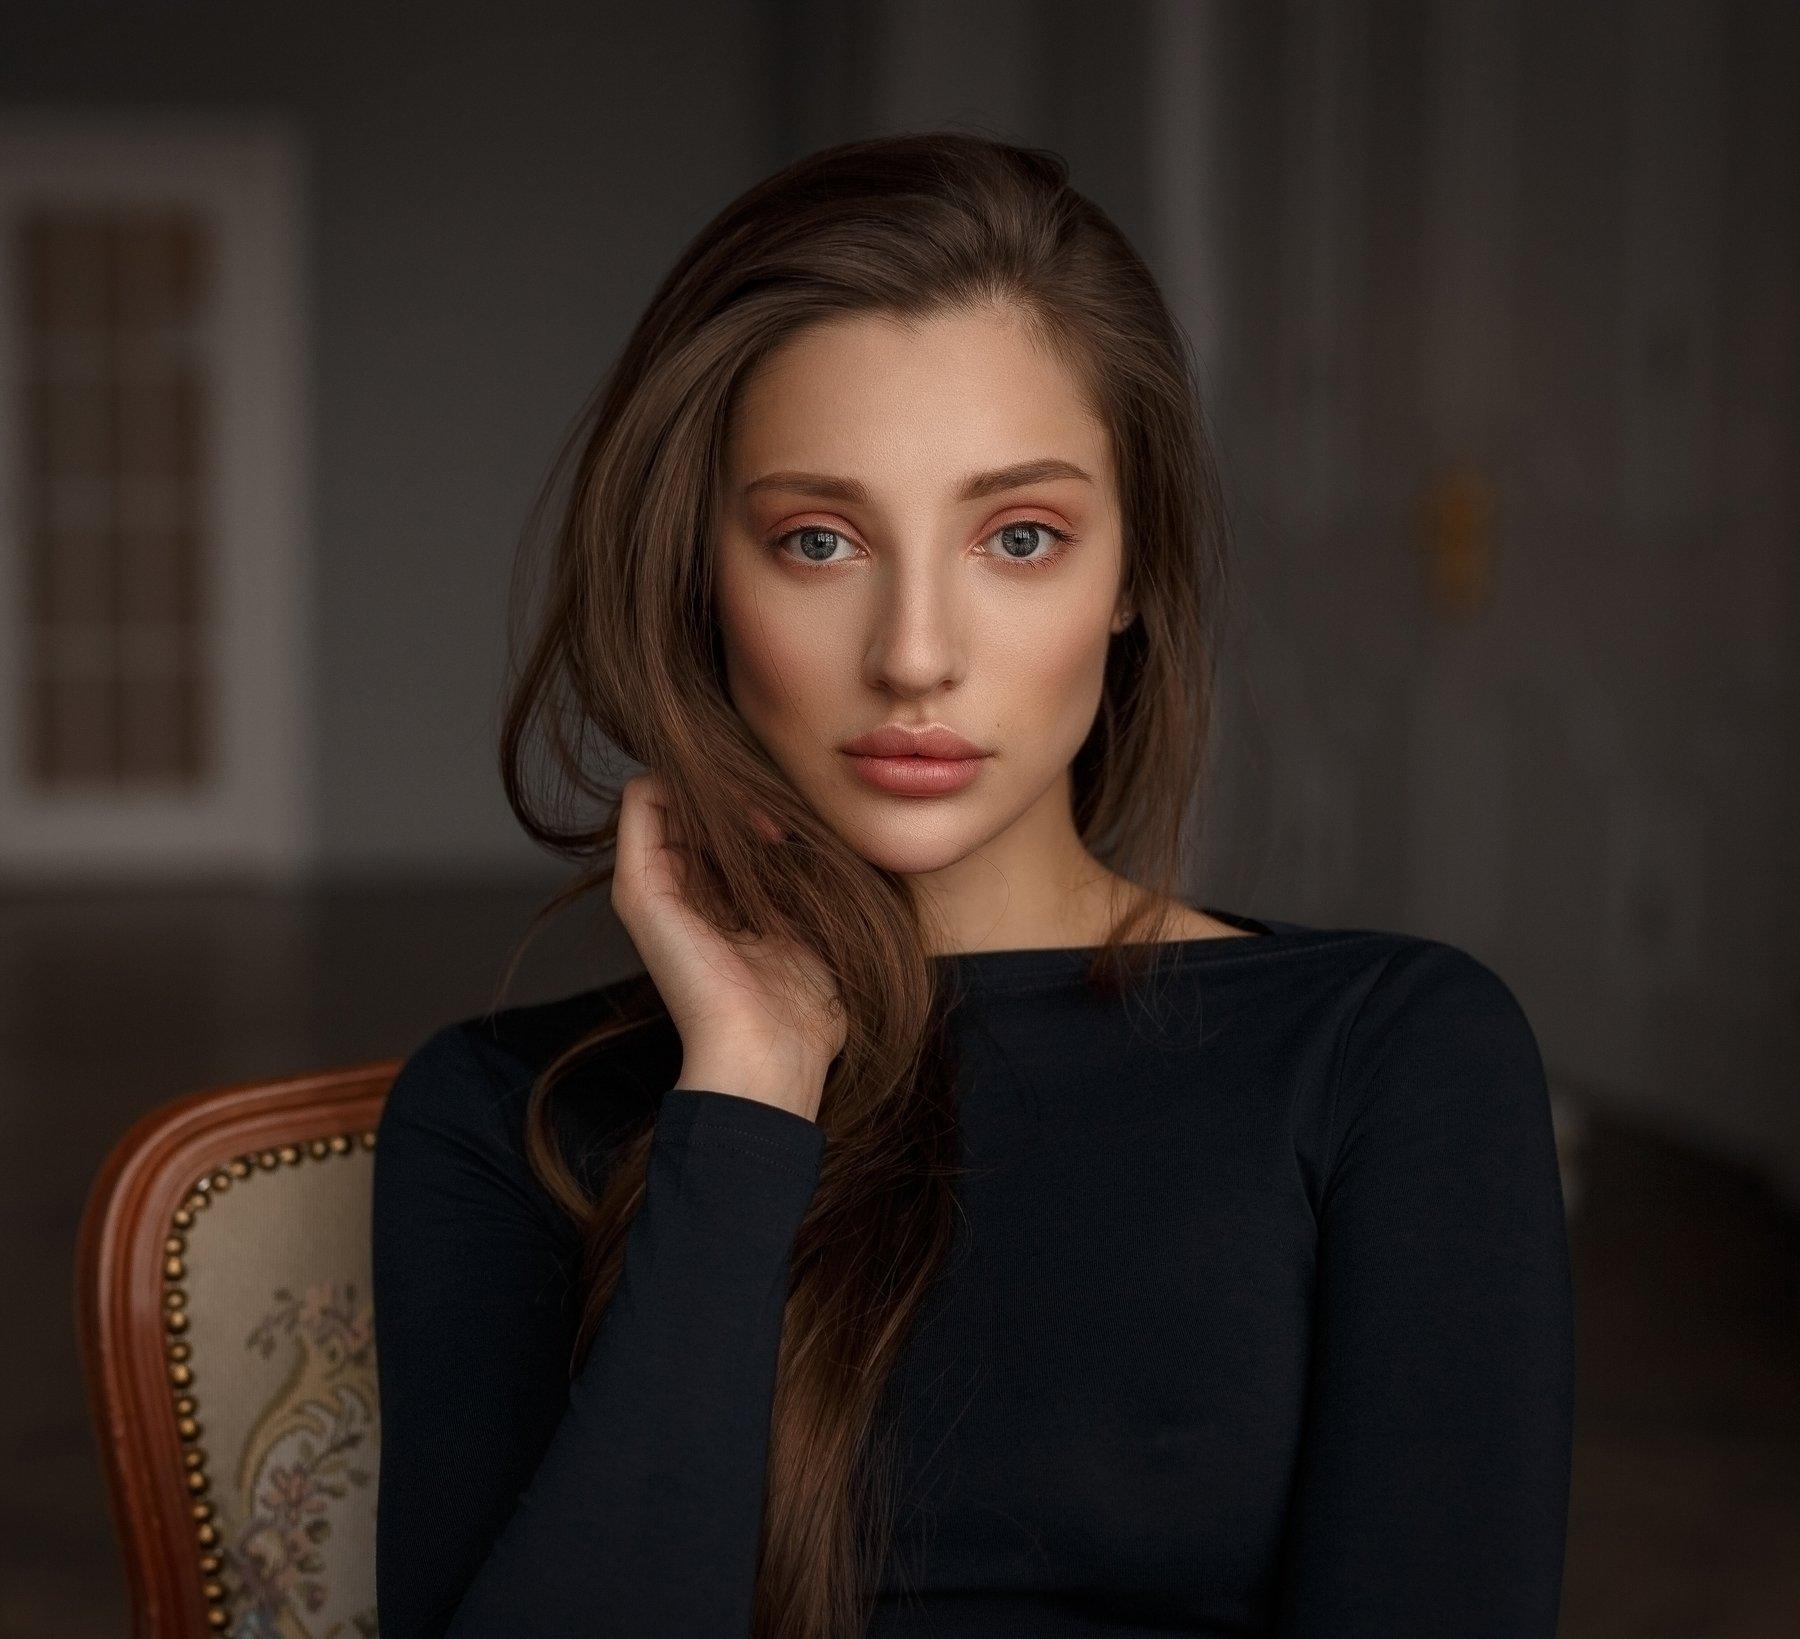 portrait, model, портрет, модель, eyes, Смирнов Александр